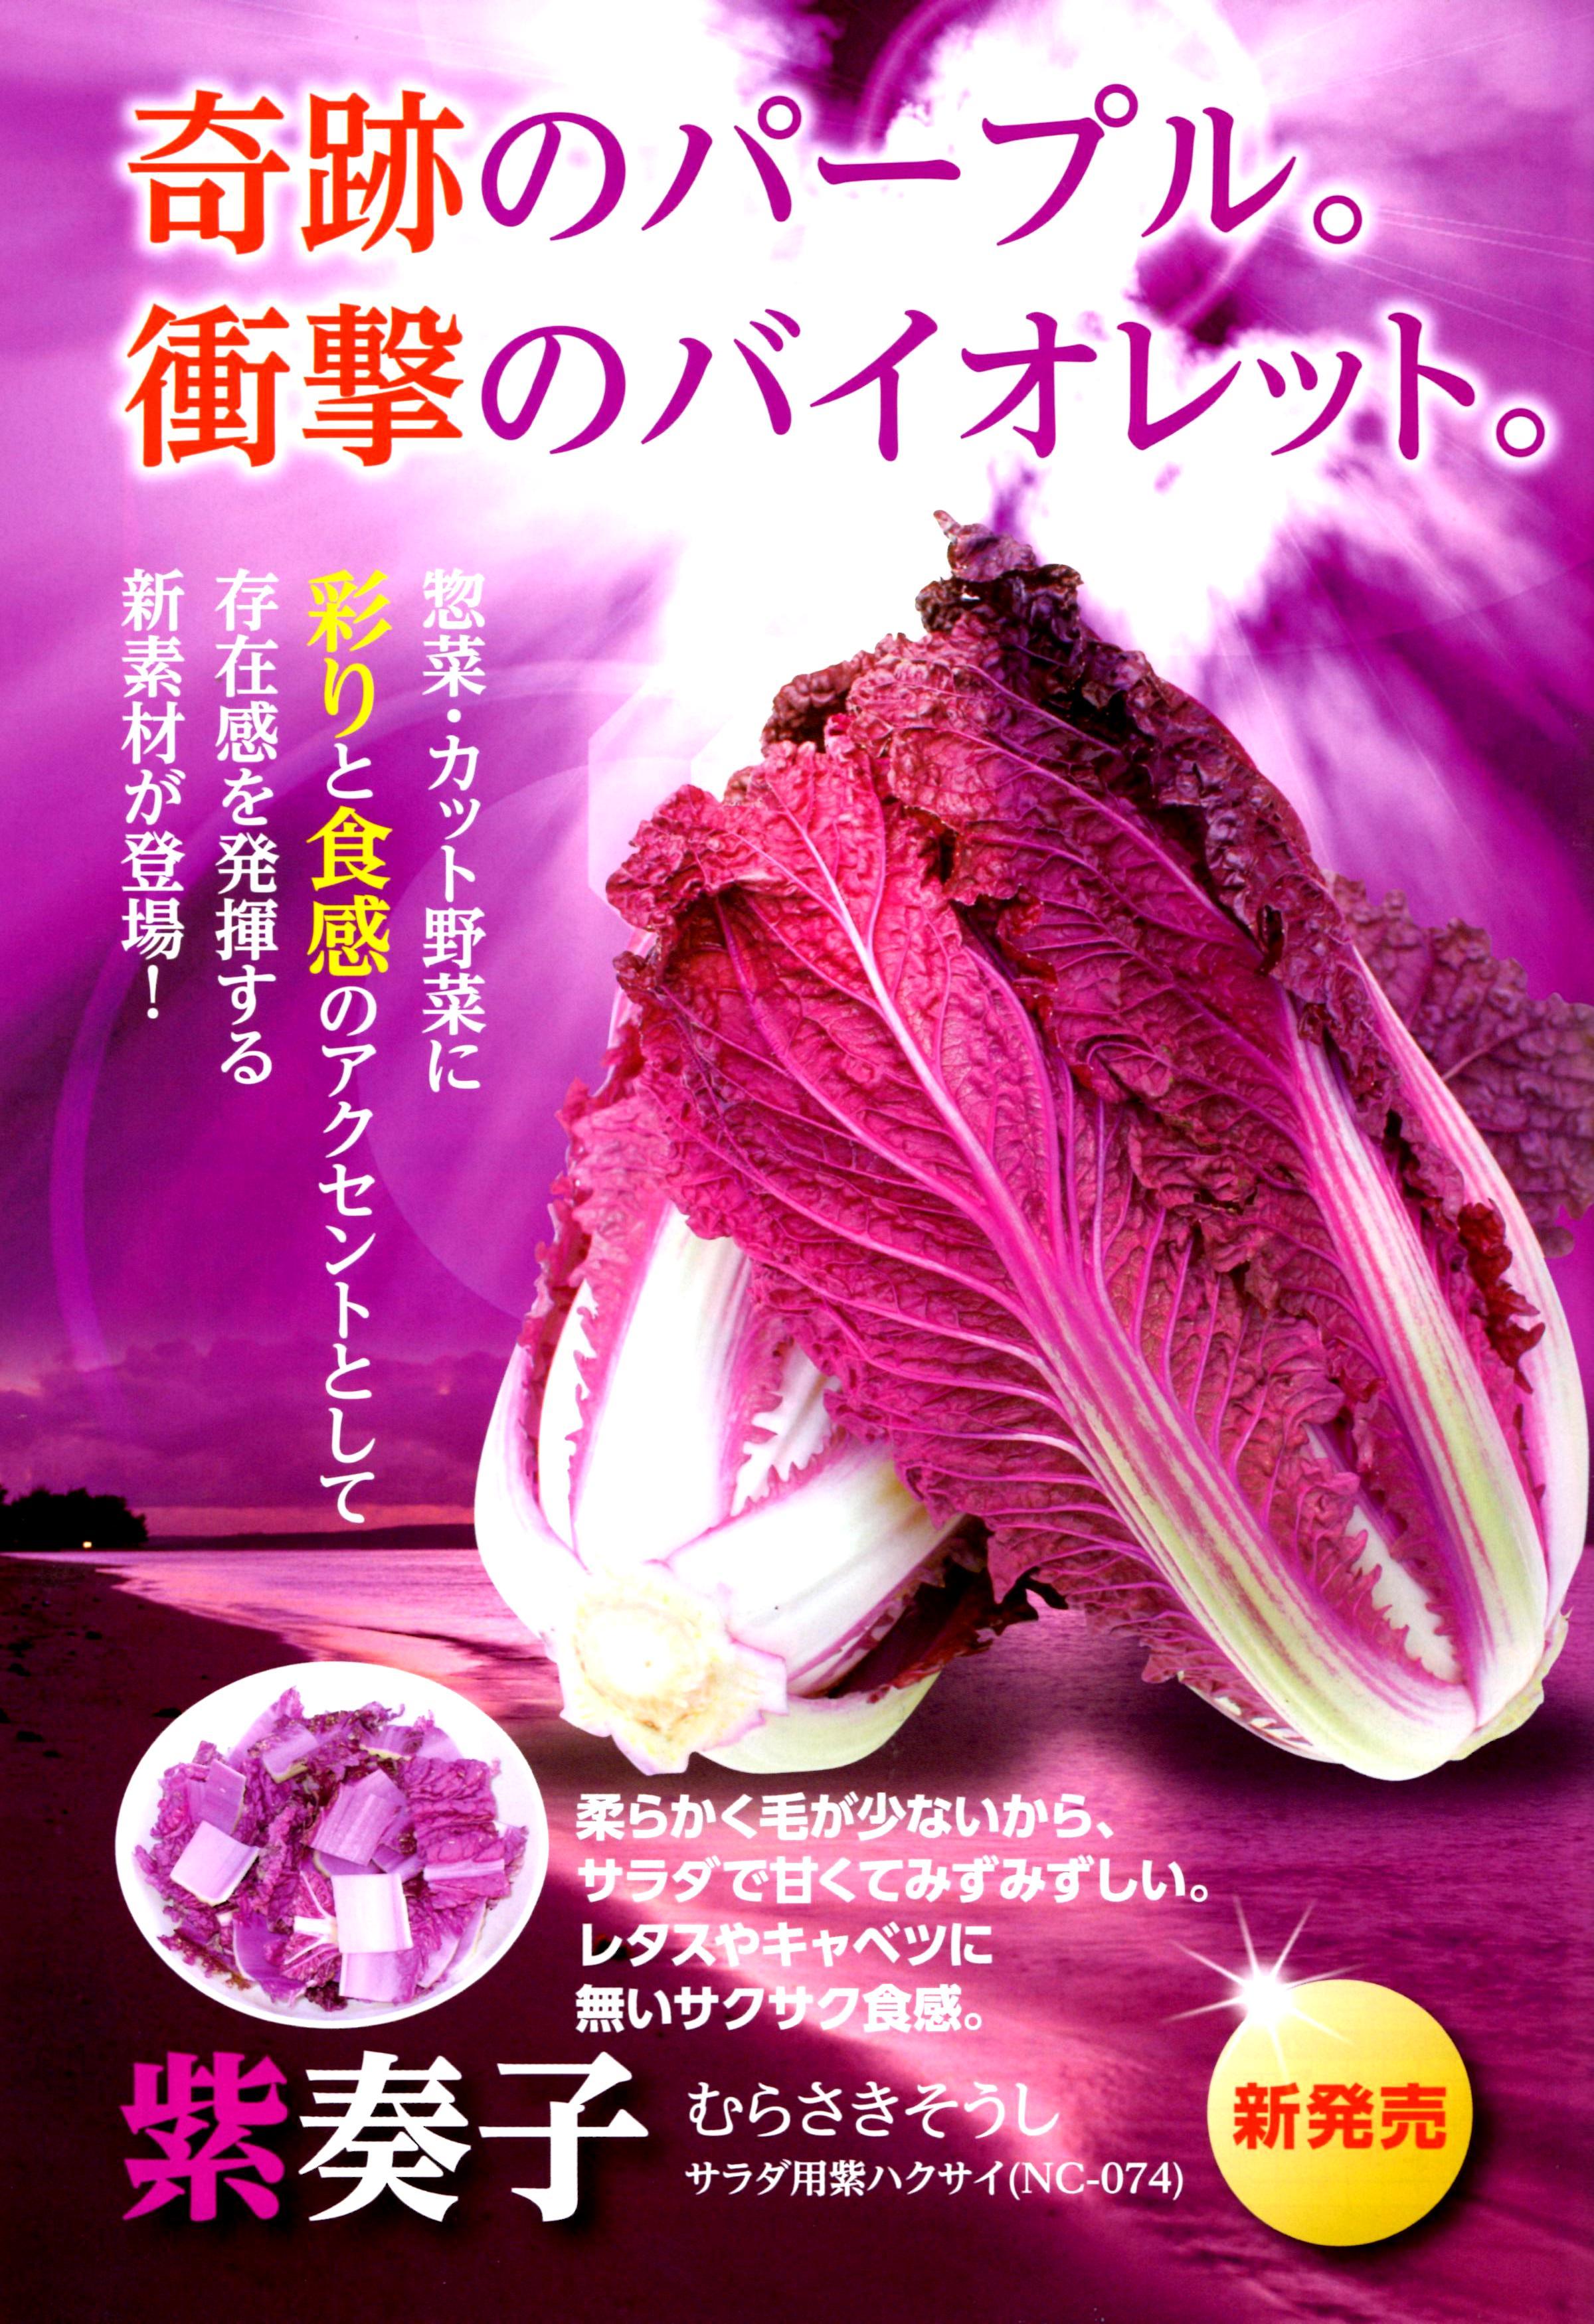 murasakisoushi-panf.jpg